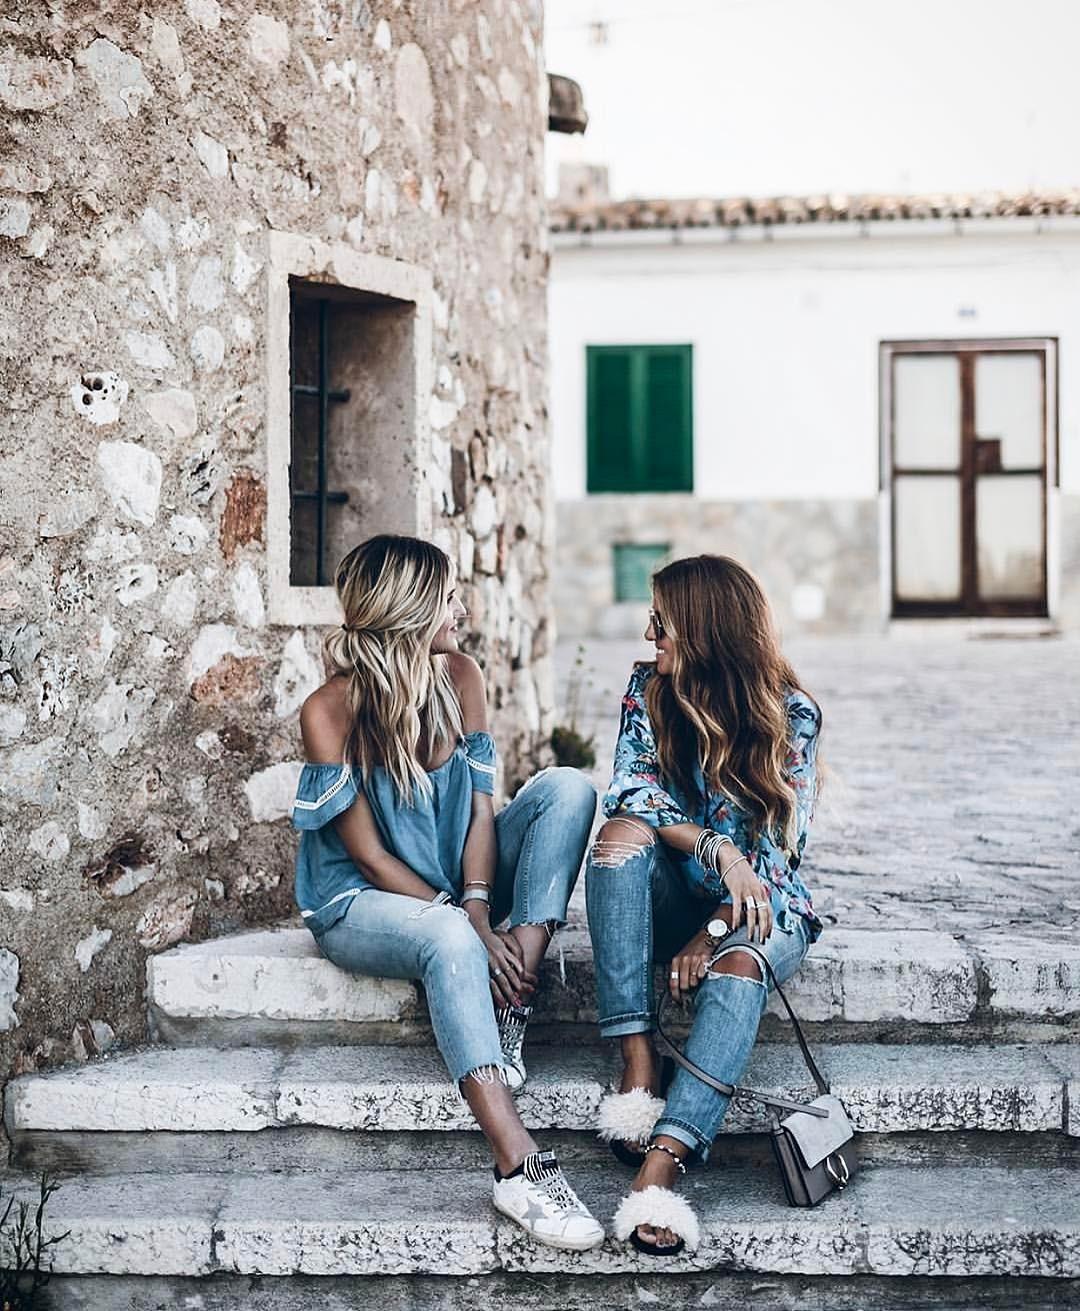 Джинсы 7/8 весна-лето 2018 год : 23 стильных образов для каждой красотки